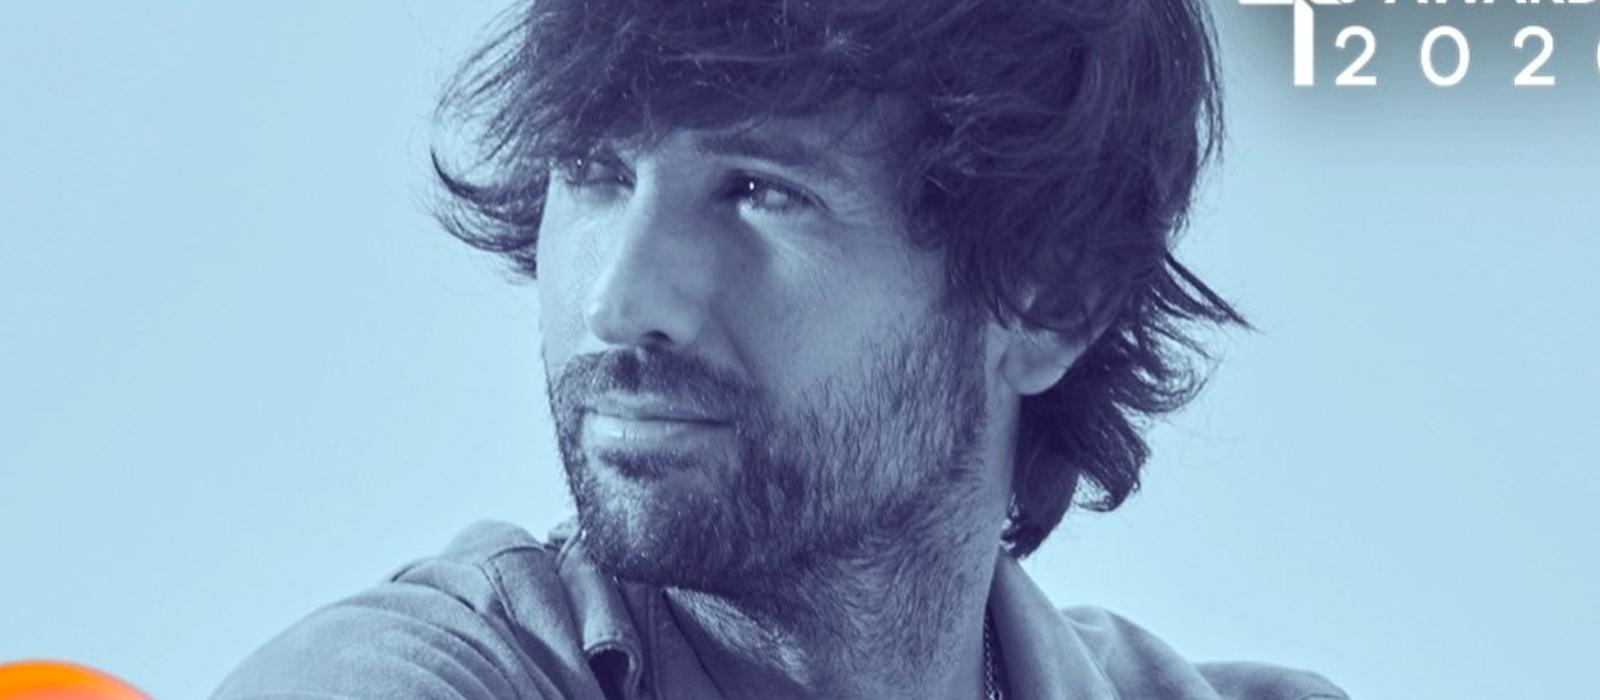 DAVID OTERO  NOMINADO A MEJOR ARTISTA Y MEJOR CANCIÓN EN  #LOS40MUSICAWARDS